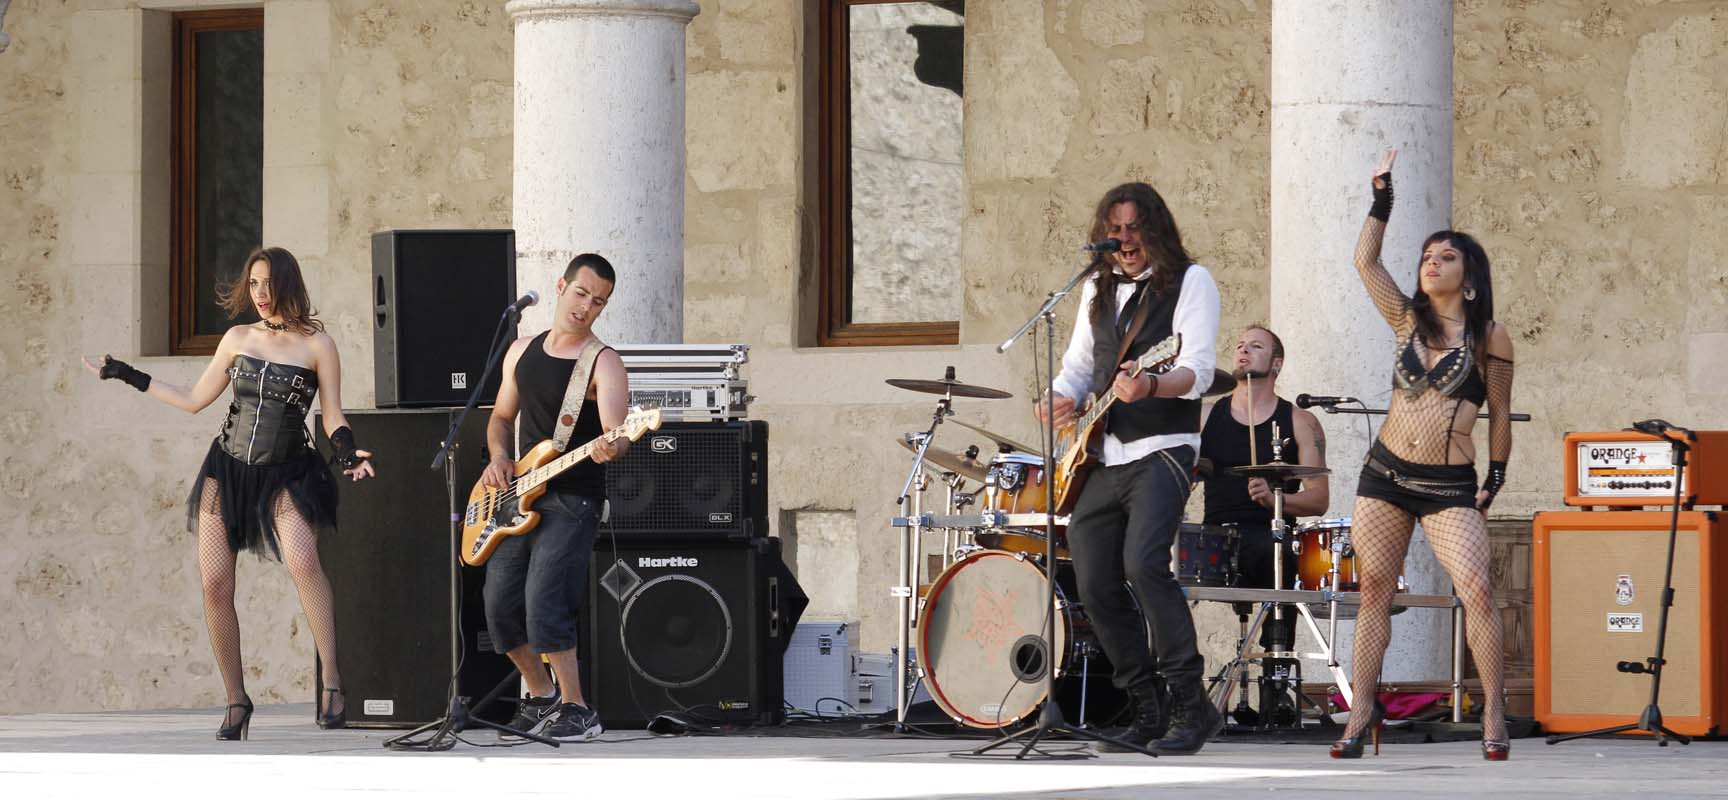 El trío Cheroot durante la grabación del videoclip.